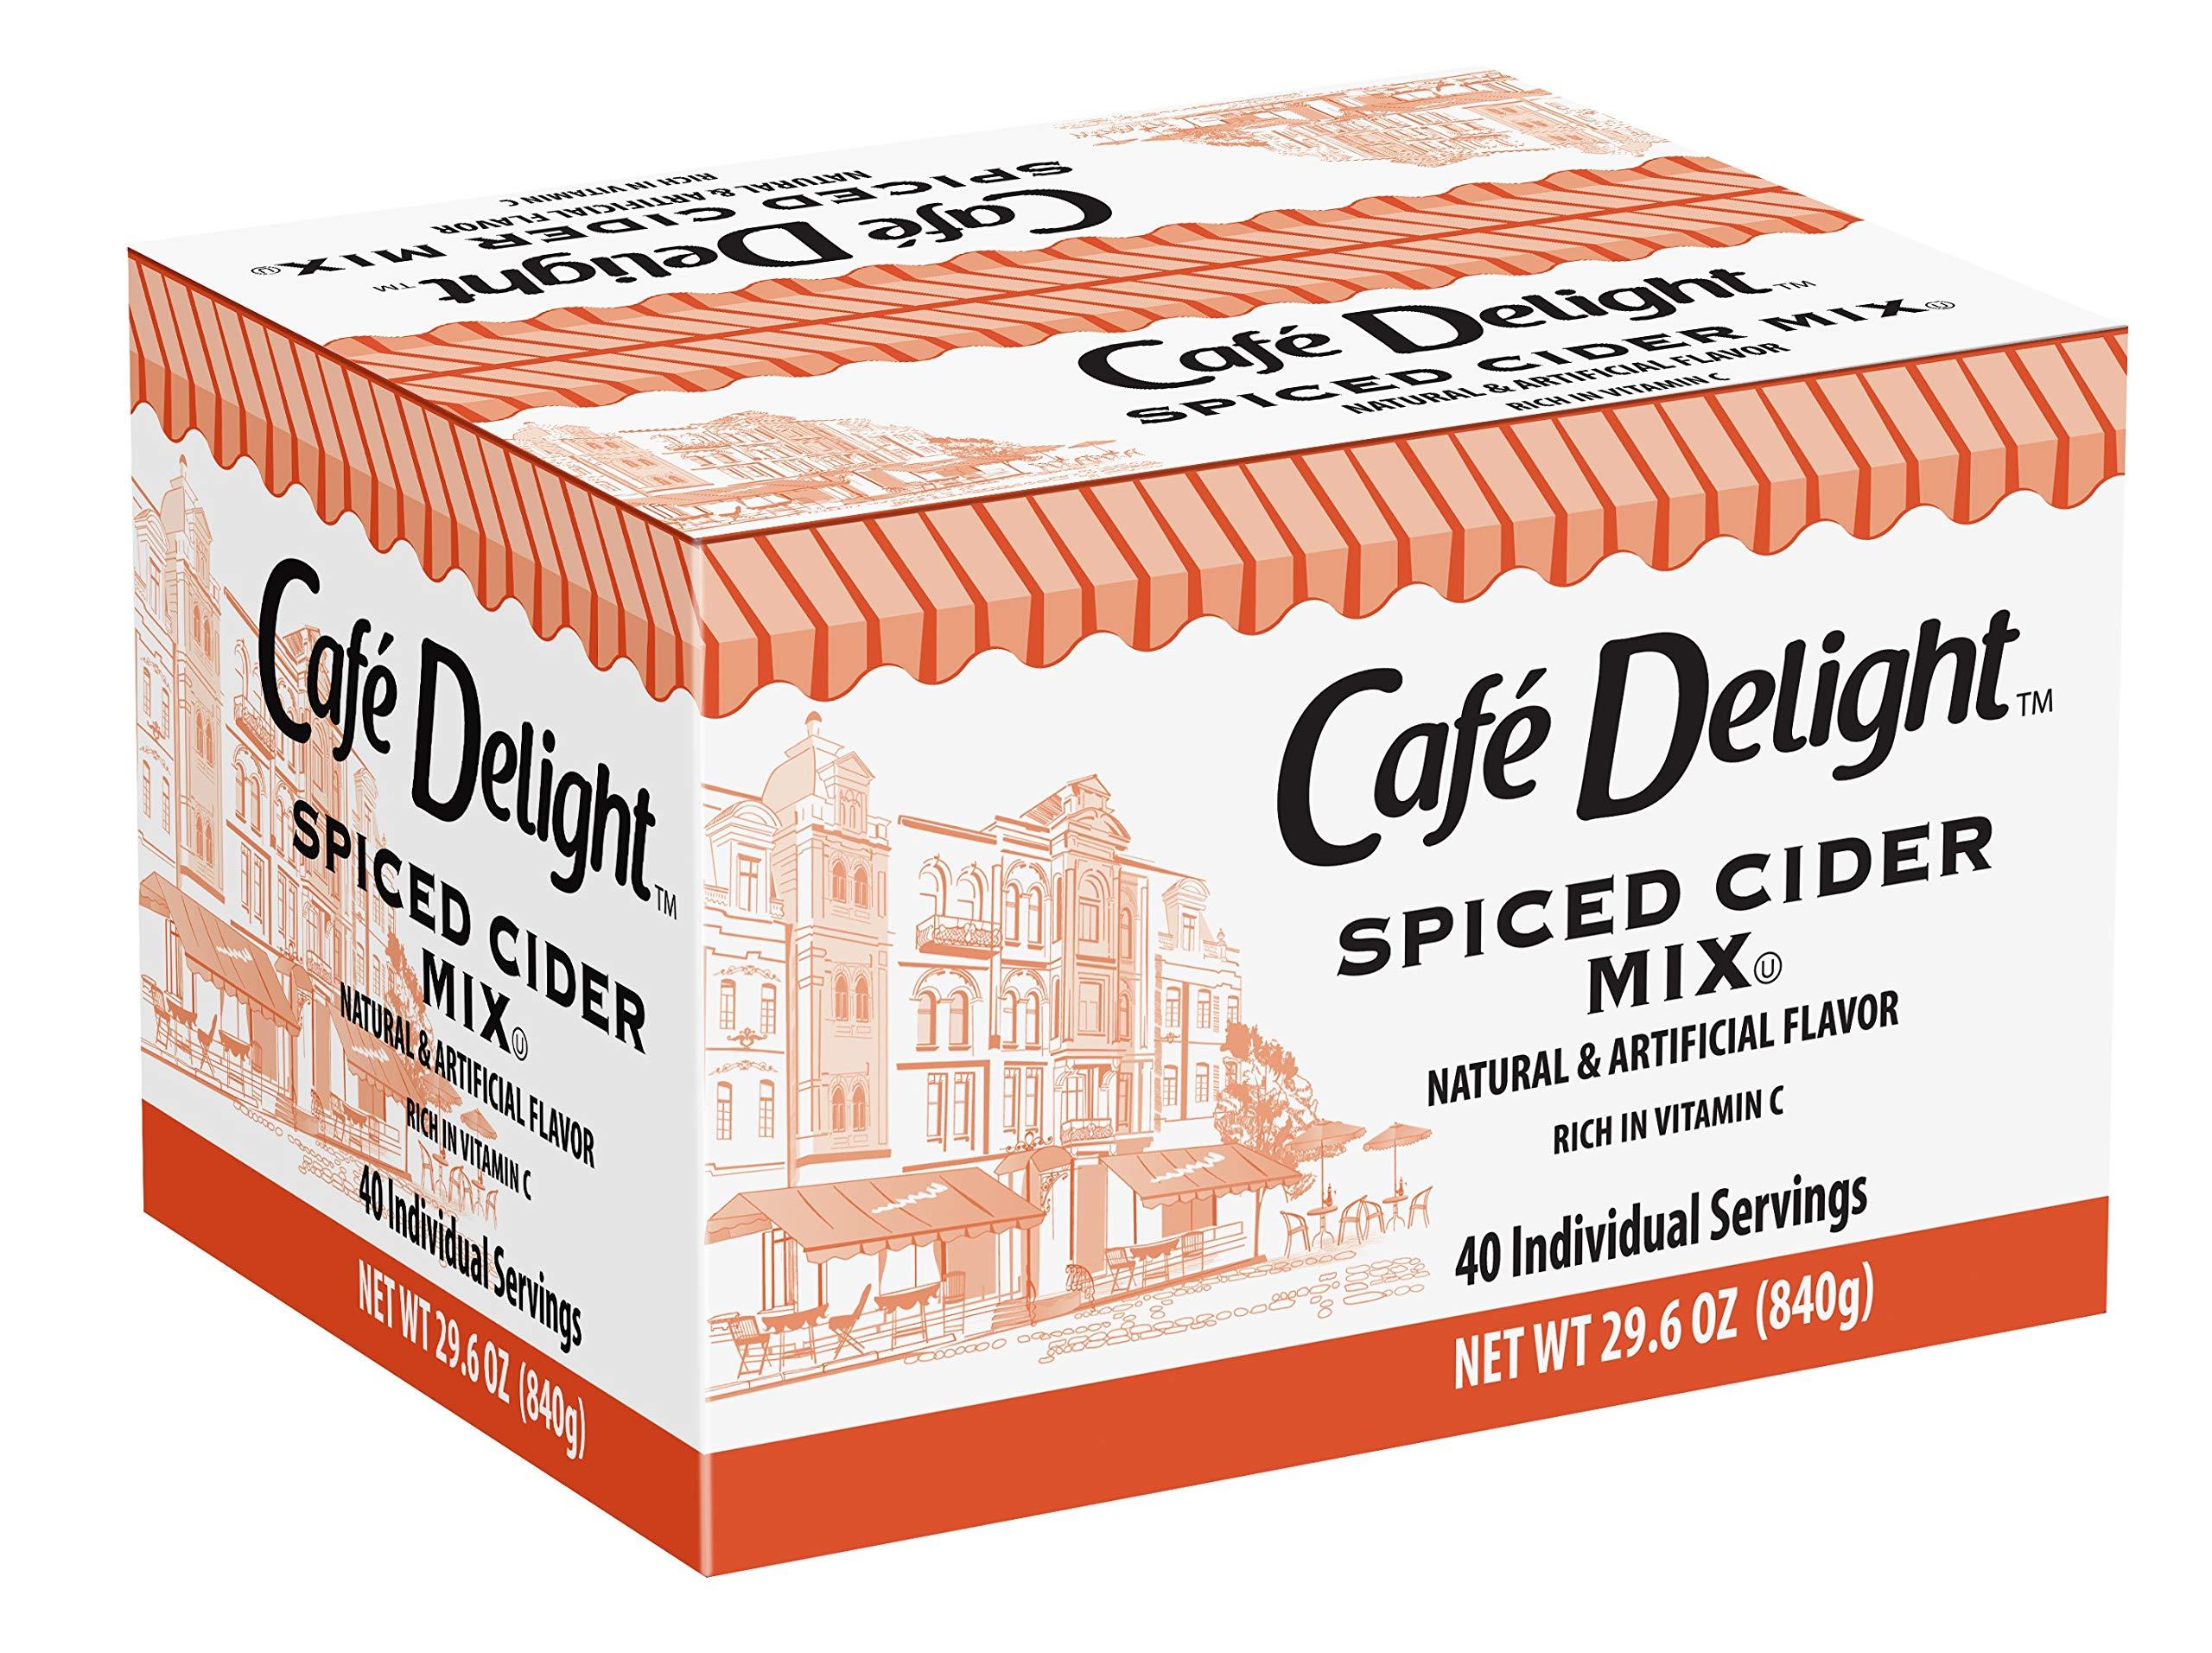 Café Delight House Blend Hot Cider, 40 Count (Pack of 6)